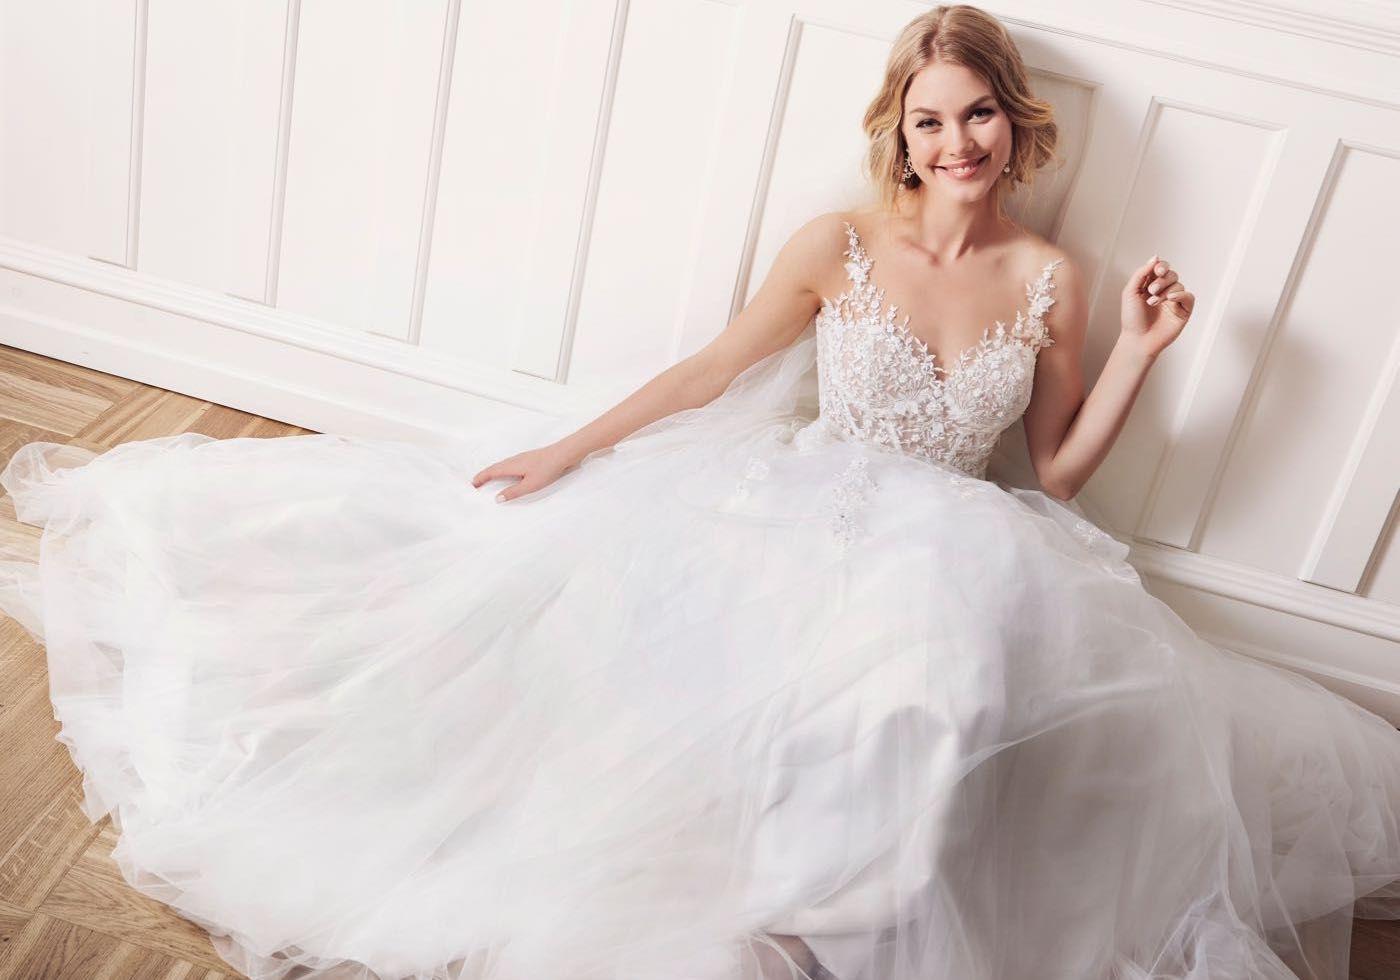 Traumkleider von Lilly für die Bräute von heute  Braut, Kleider